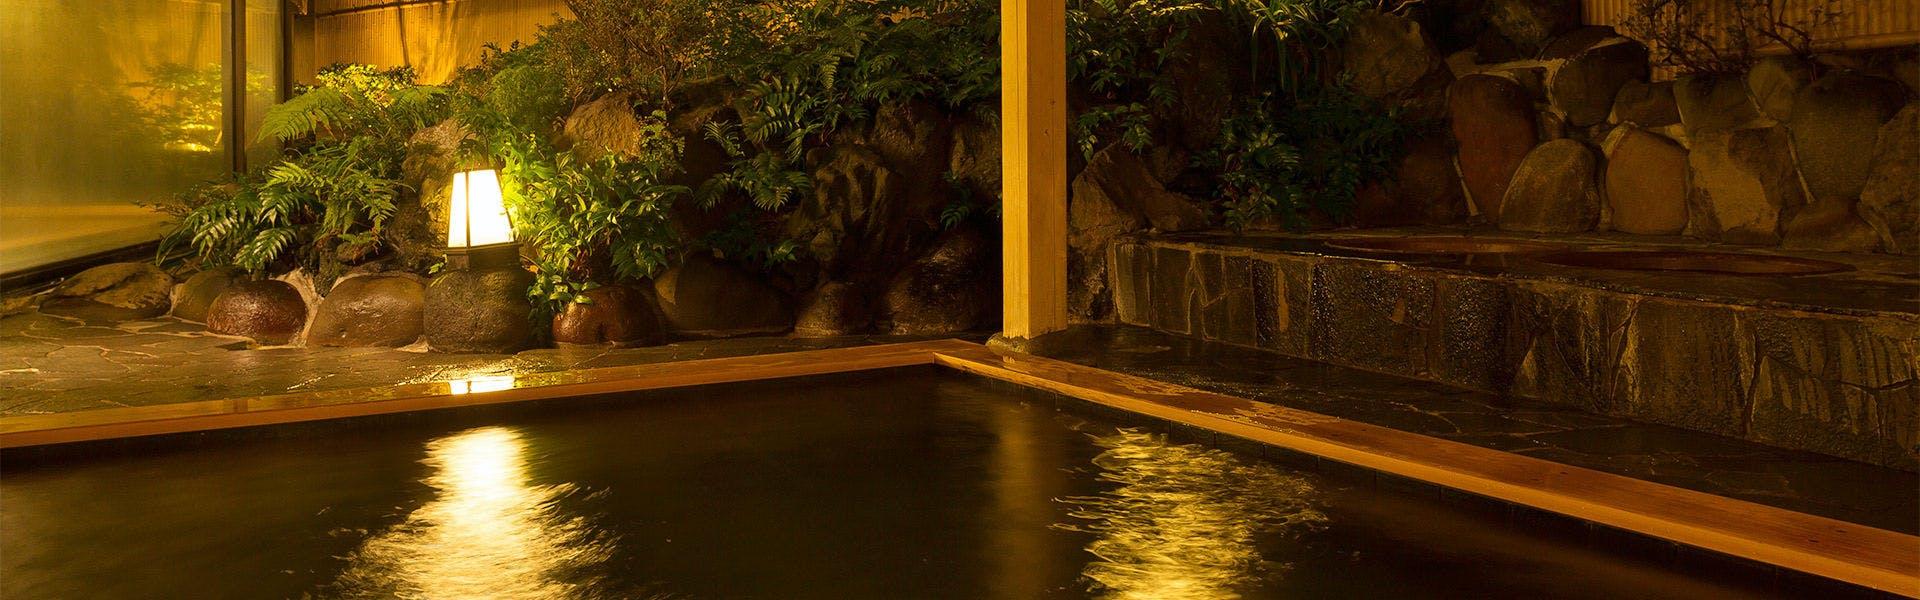 記念日におすすめのホテル・ラフォーレ倶楽部 伊東温泉 湯の庭の写真3